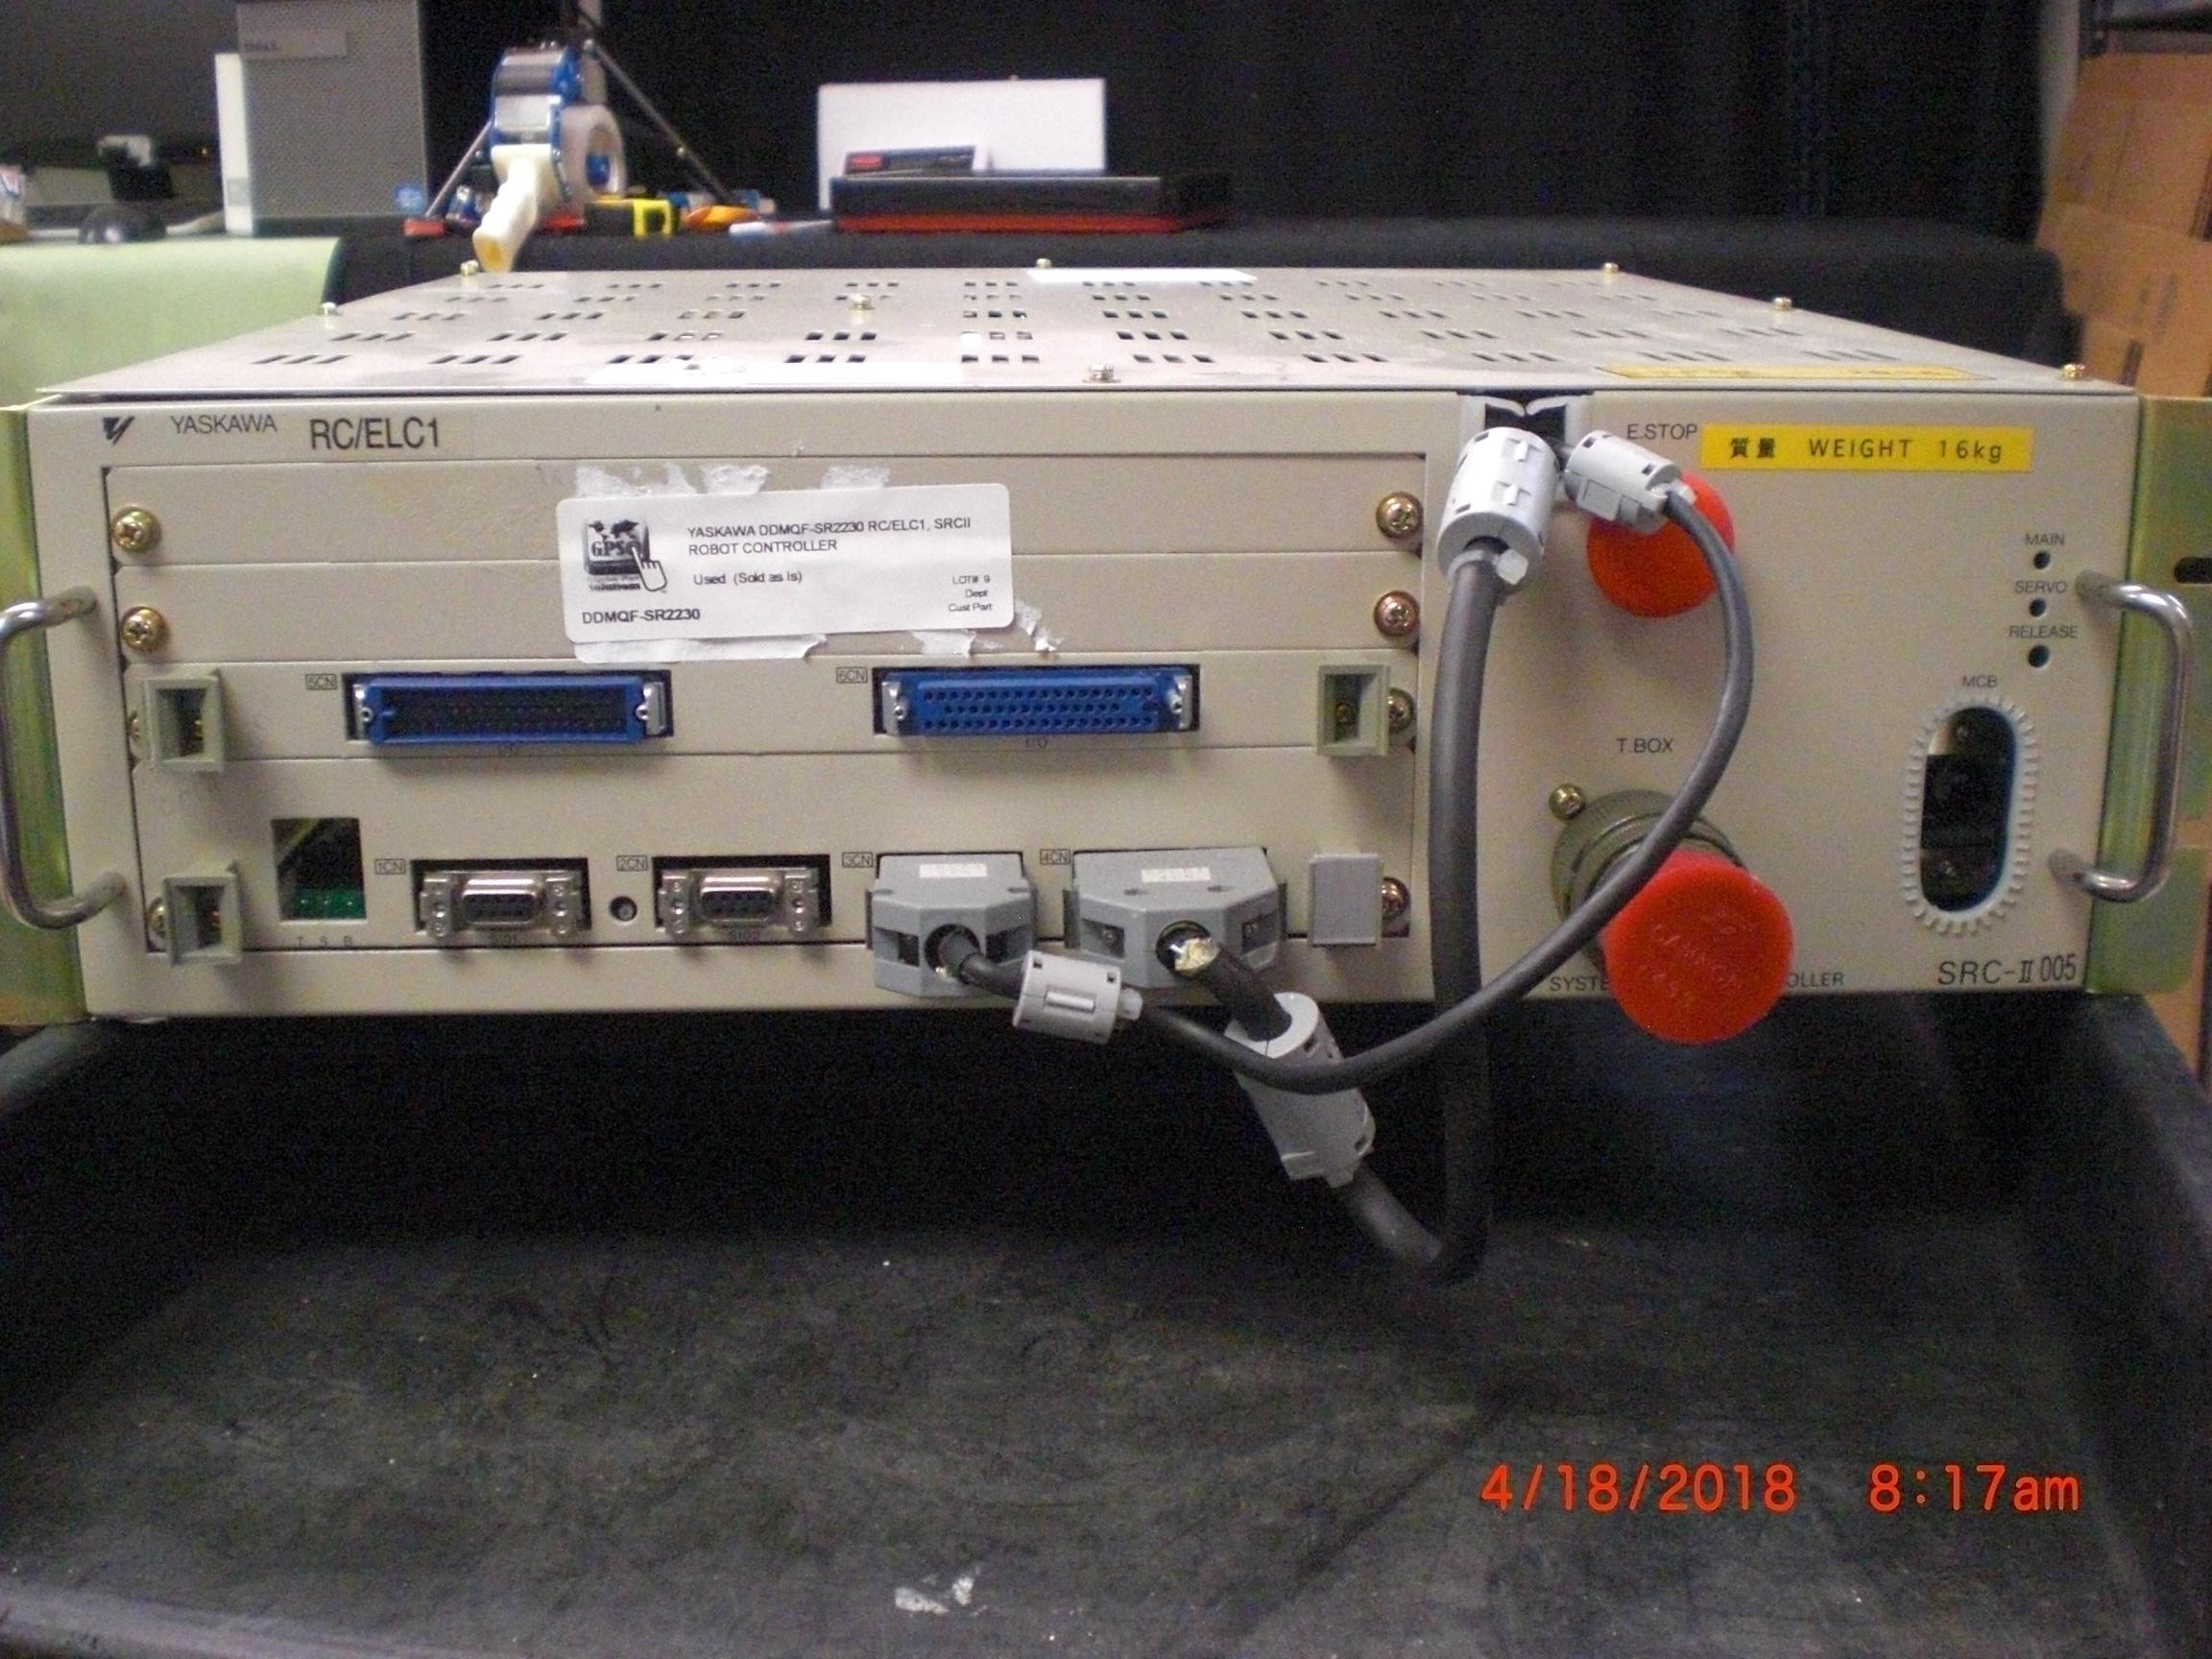 Pump YASKAWA DDMQF-SR2230 RC/ELC1, SRCII Robot controller TEL Unity